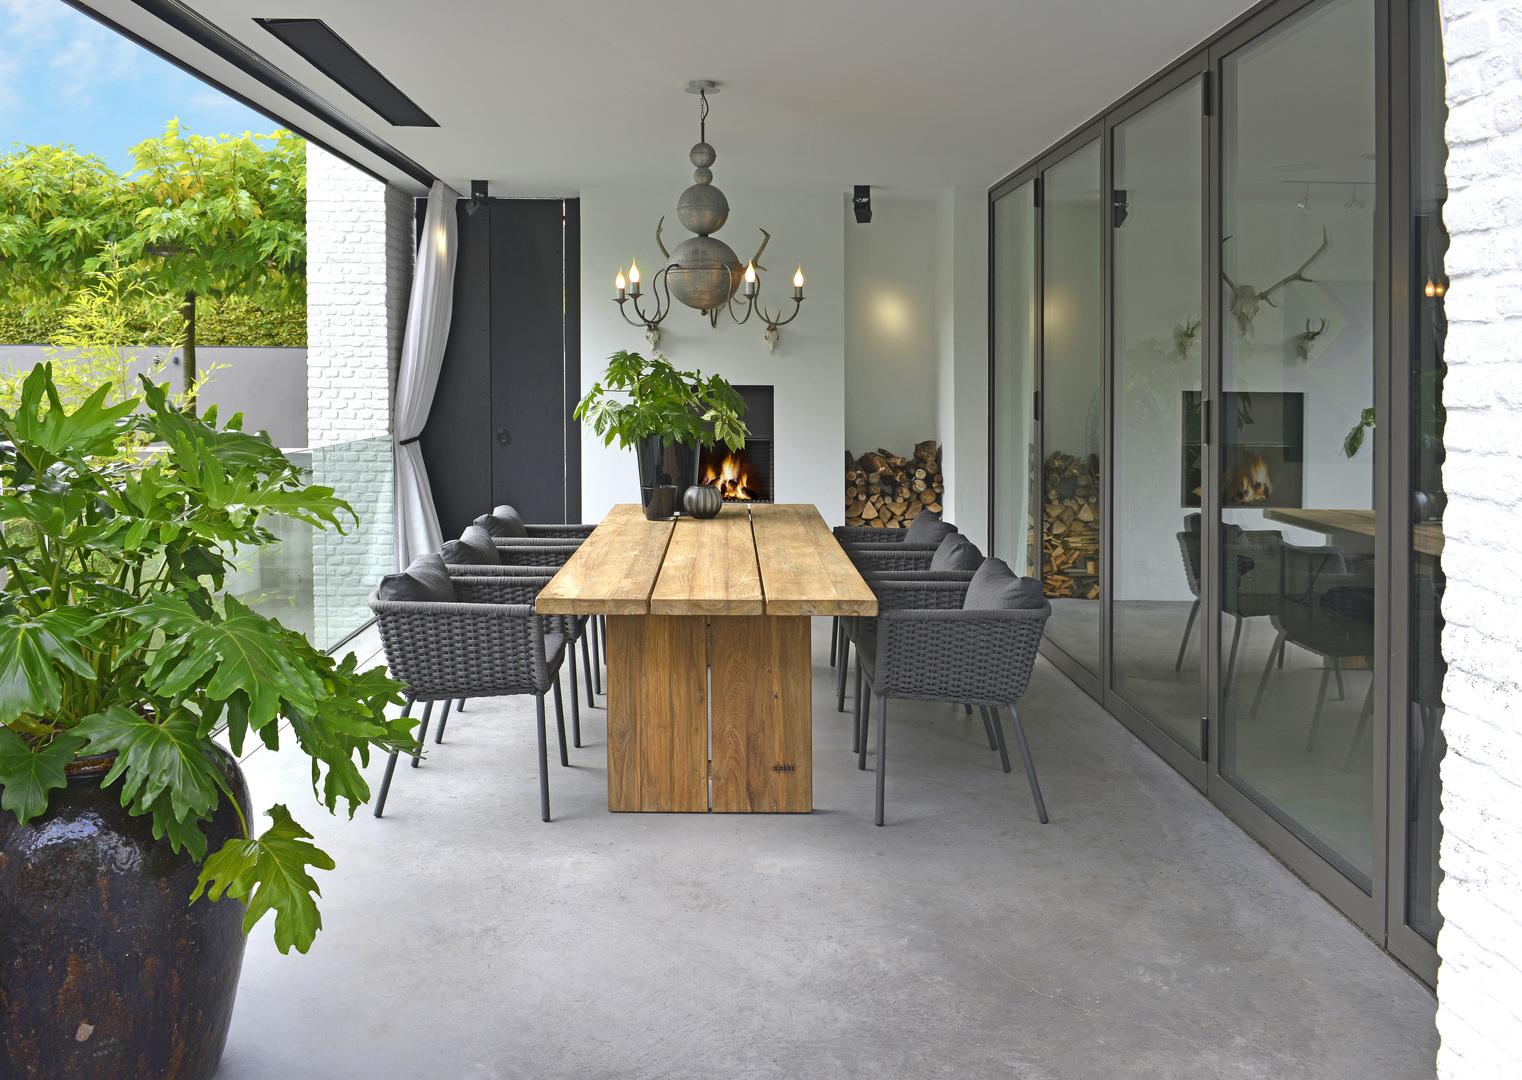 2018 Borek rope Valldemossa chair - teak Sevilla table Studio Borek.jpg